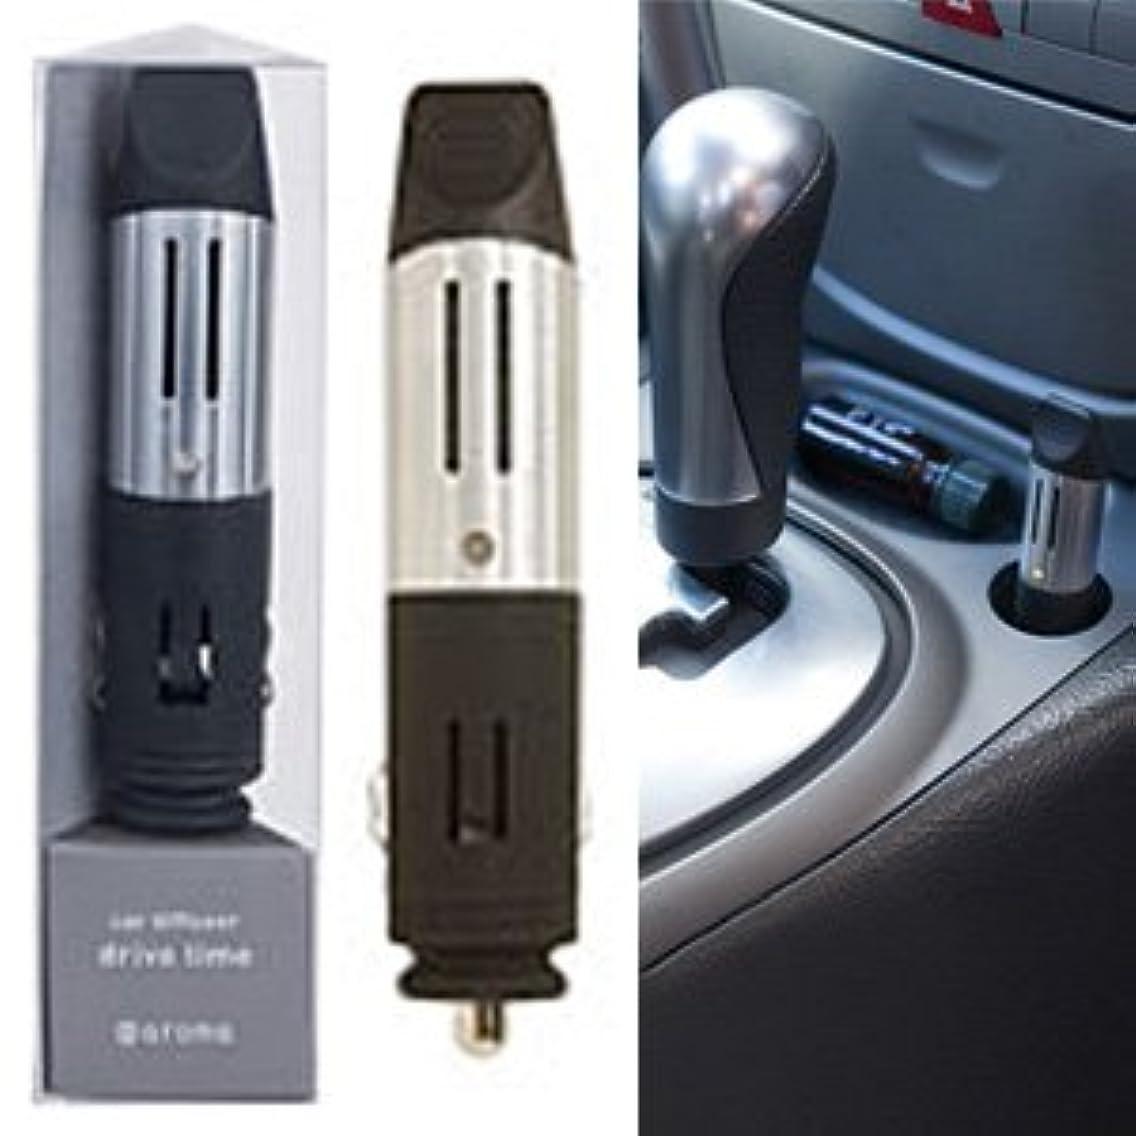 ポジションリットルトラップ車用アロマディフューザー ドライブタイム [ソケットタイプ/DC12V電源] カラー:シルバー